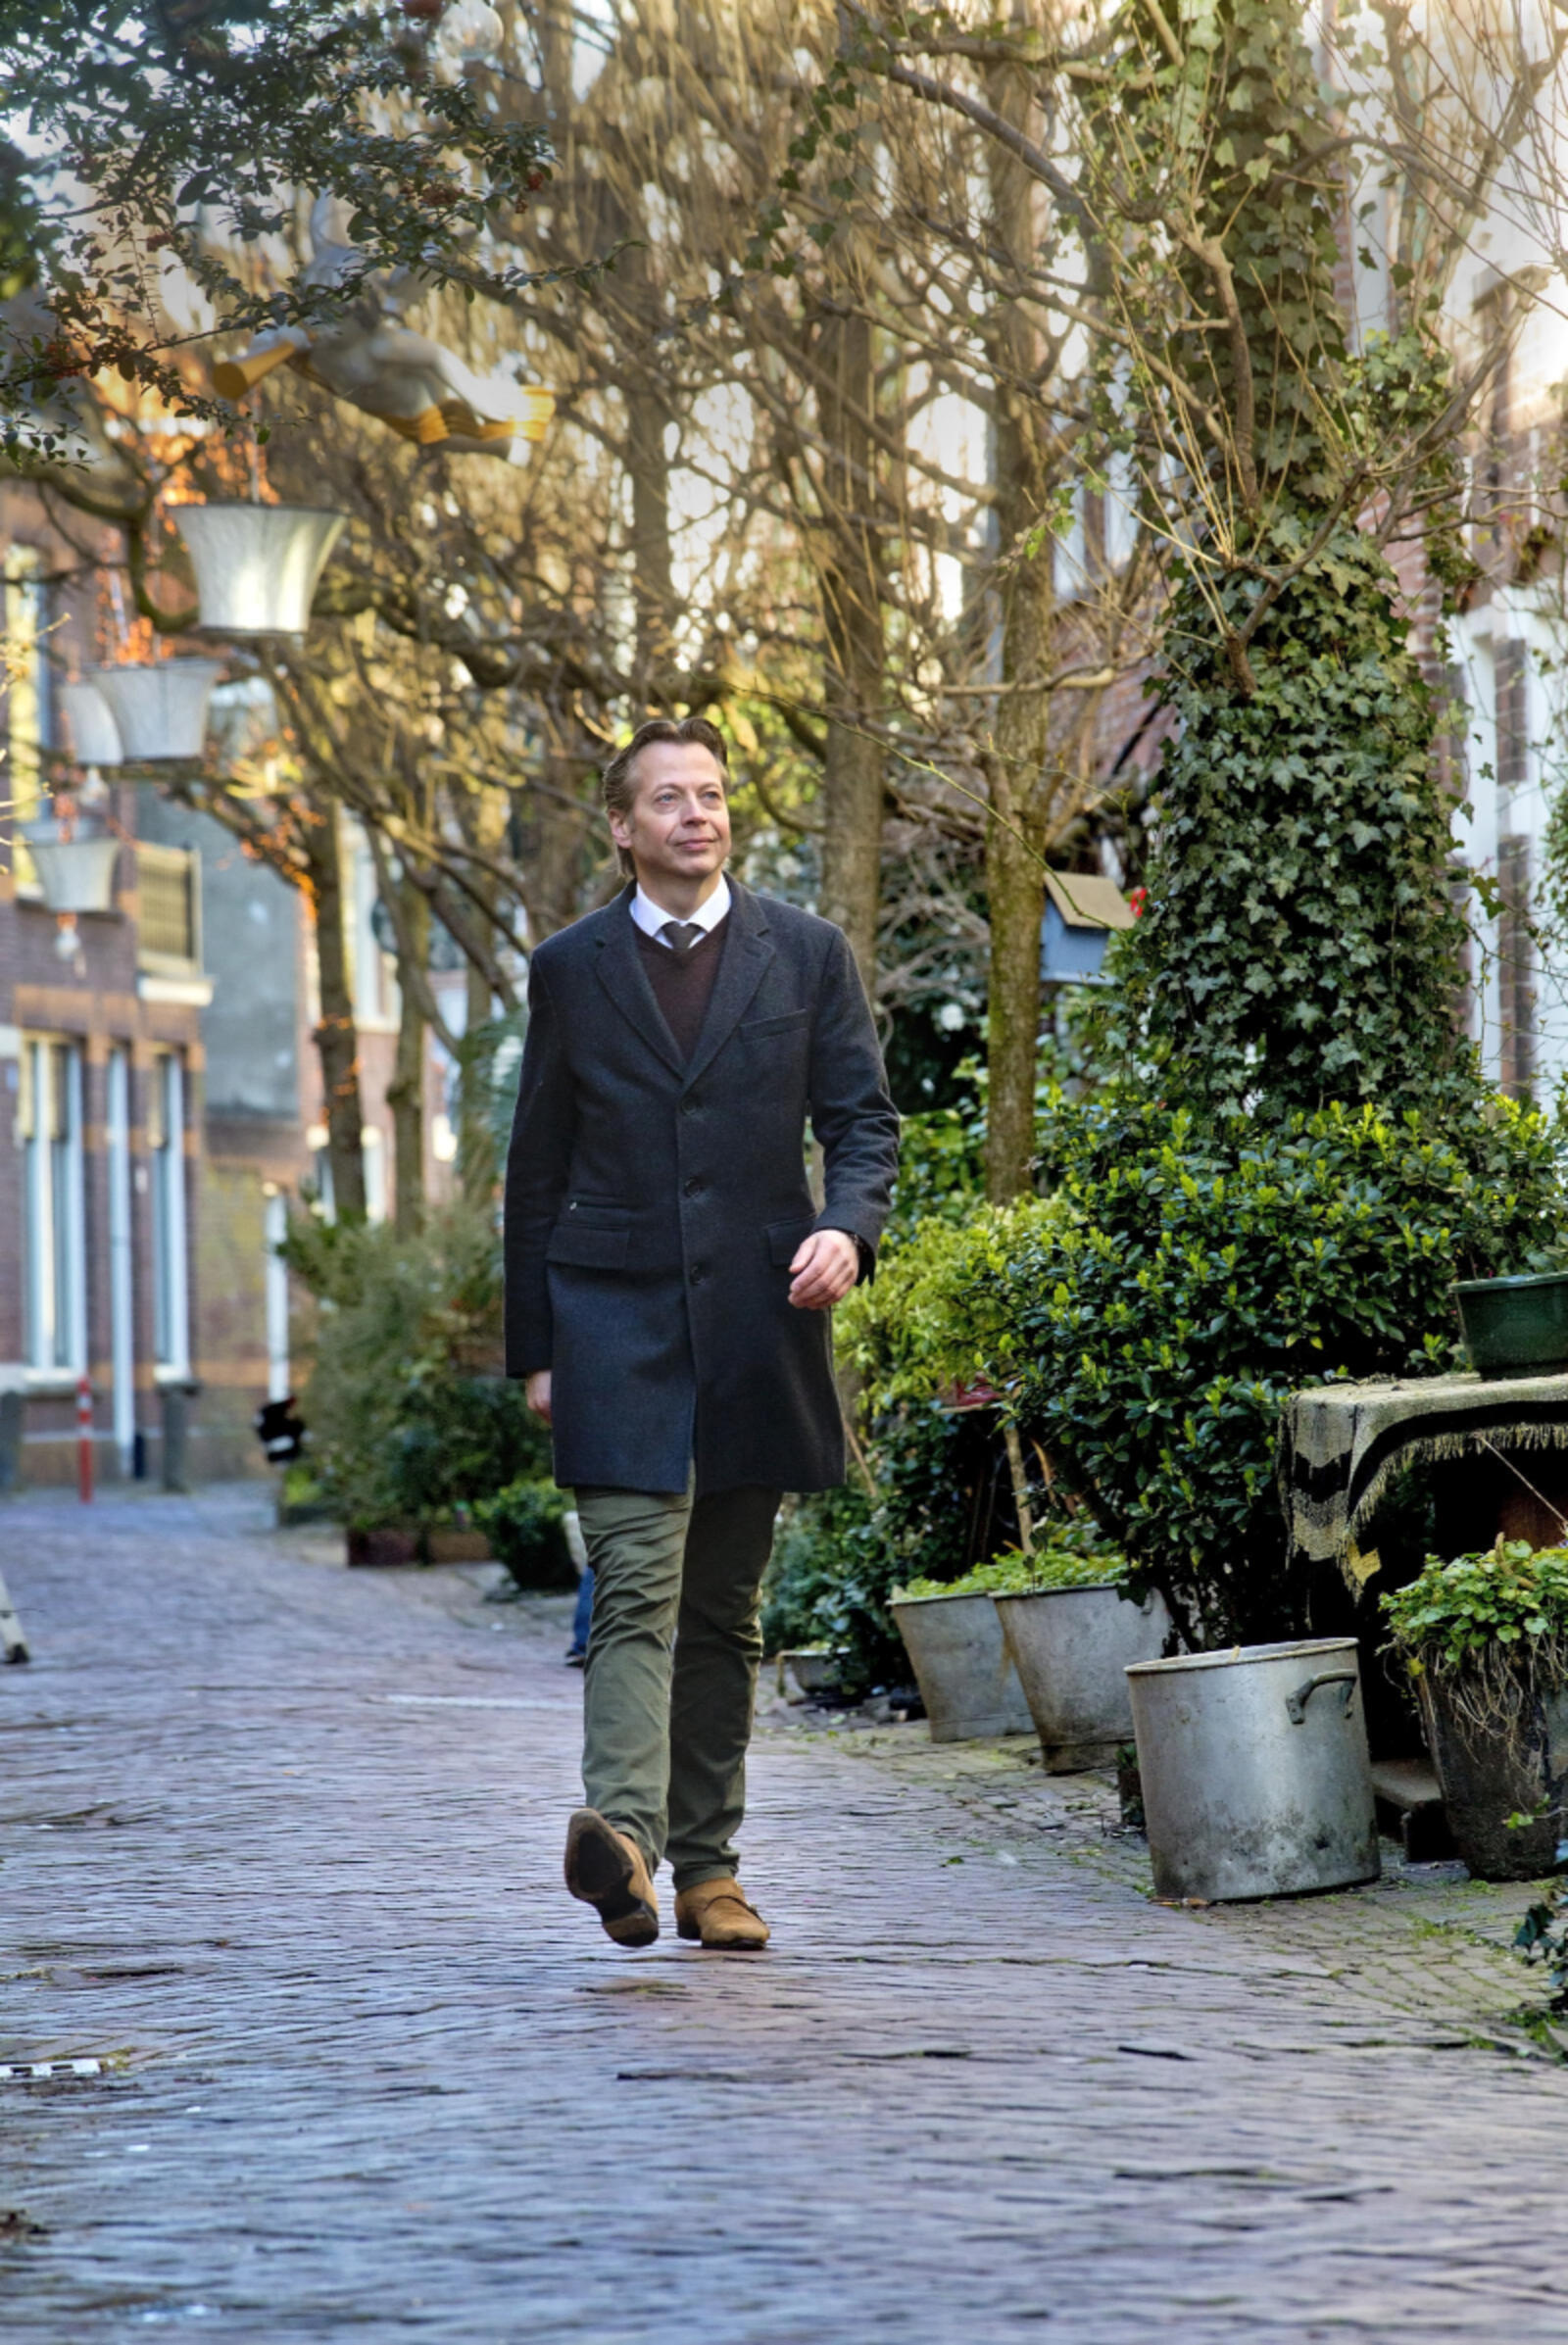 Mooie herinneringen hebben Marcel Huizing en zijn vrouw aan Haarlem. Ze woonden er in een oud pakhuis in de binnenstad. Inmiddels zijn ze verhuisd. 'Maar Haarlem blijft een fantastische stad.'